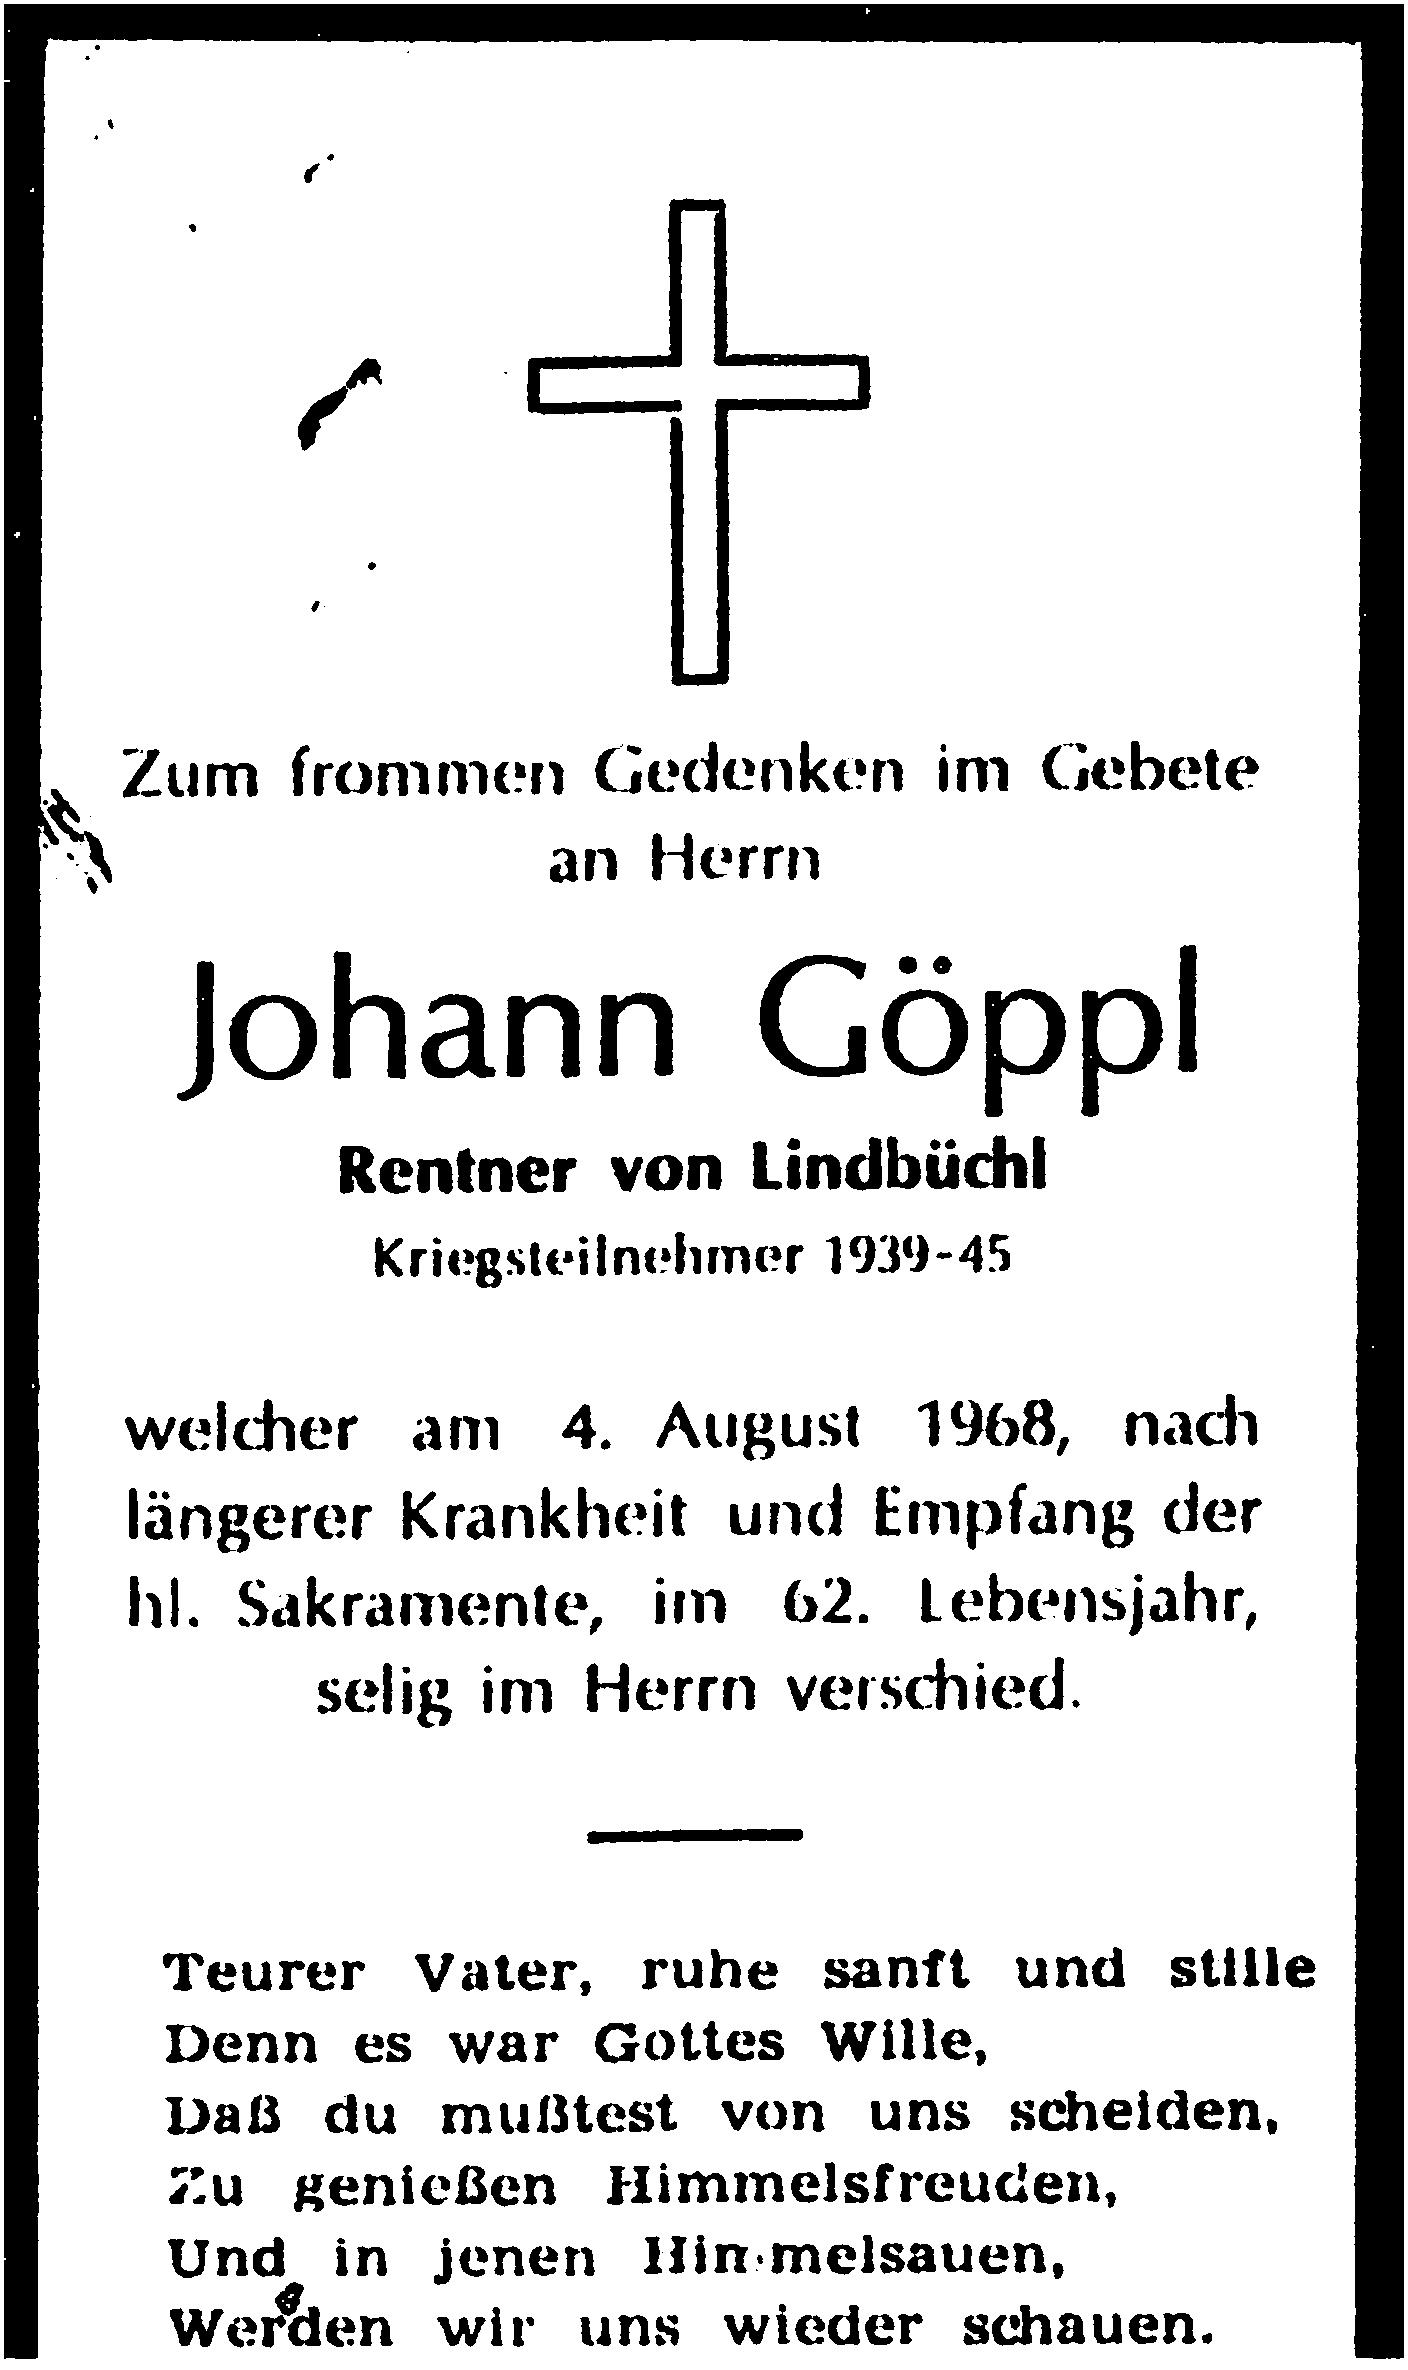 1968-08-04-Göppl-Johann-Lindbüchl